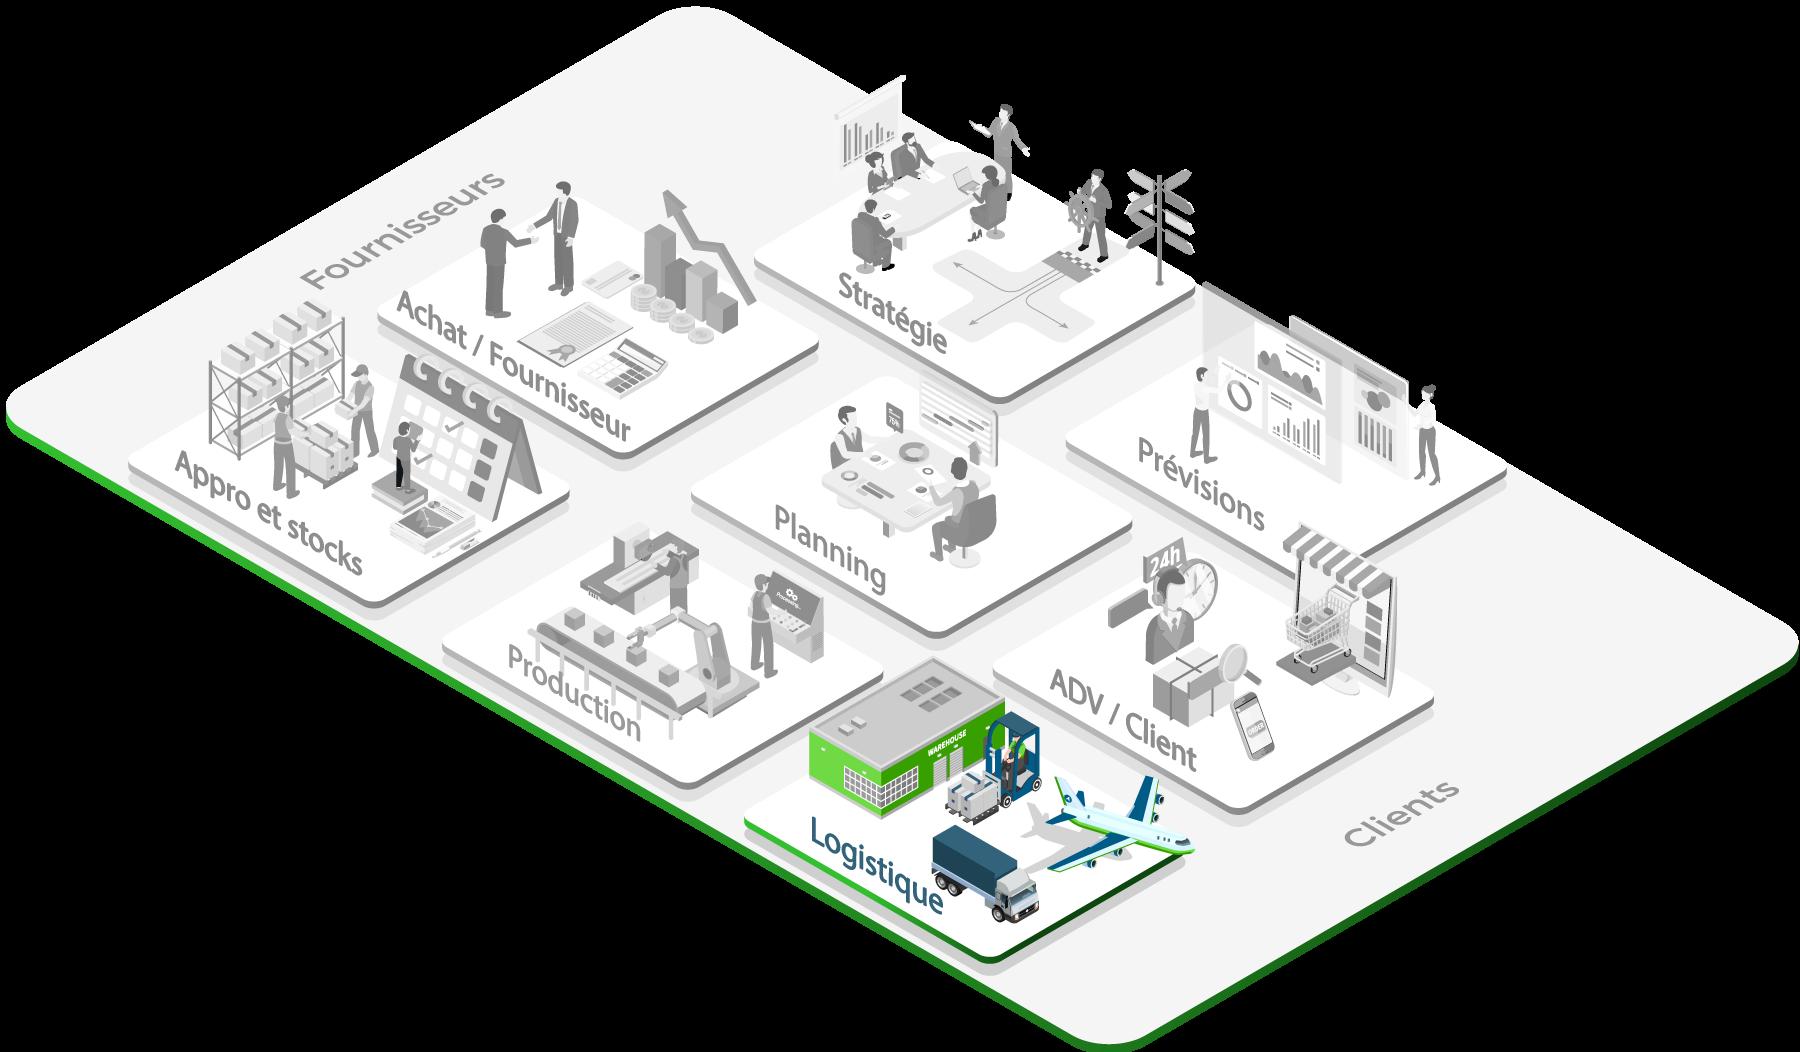 Problématiques liées à l'optimisation de la logistique, des entrepôts et des transports